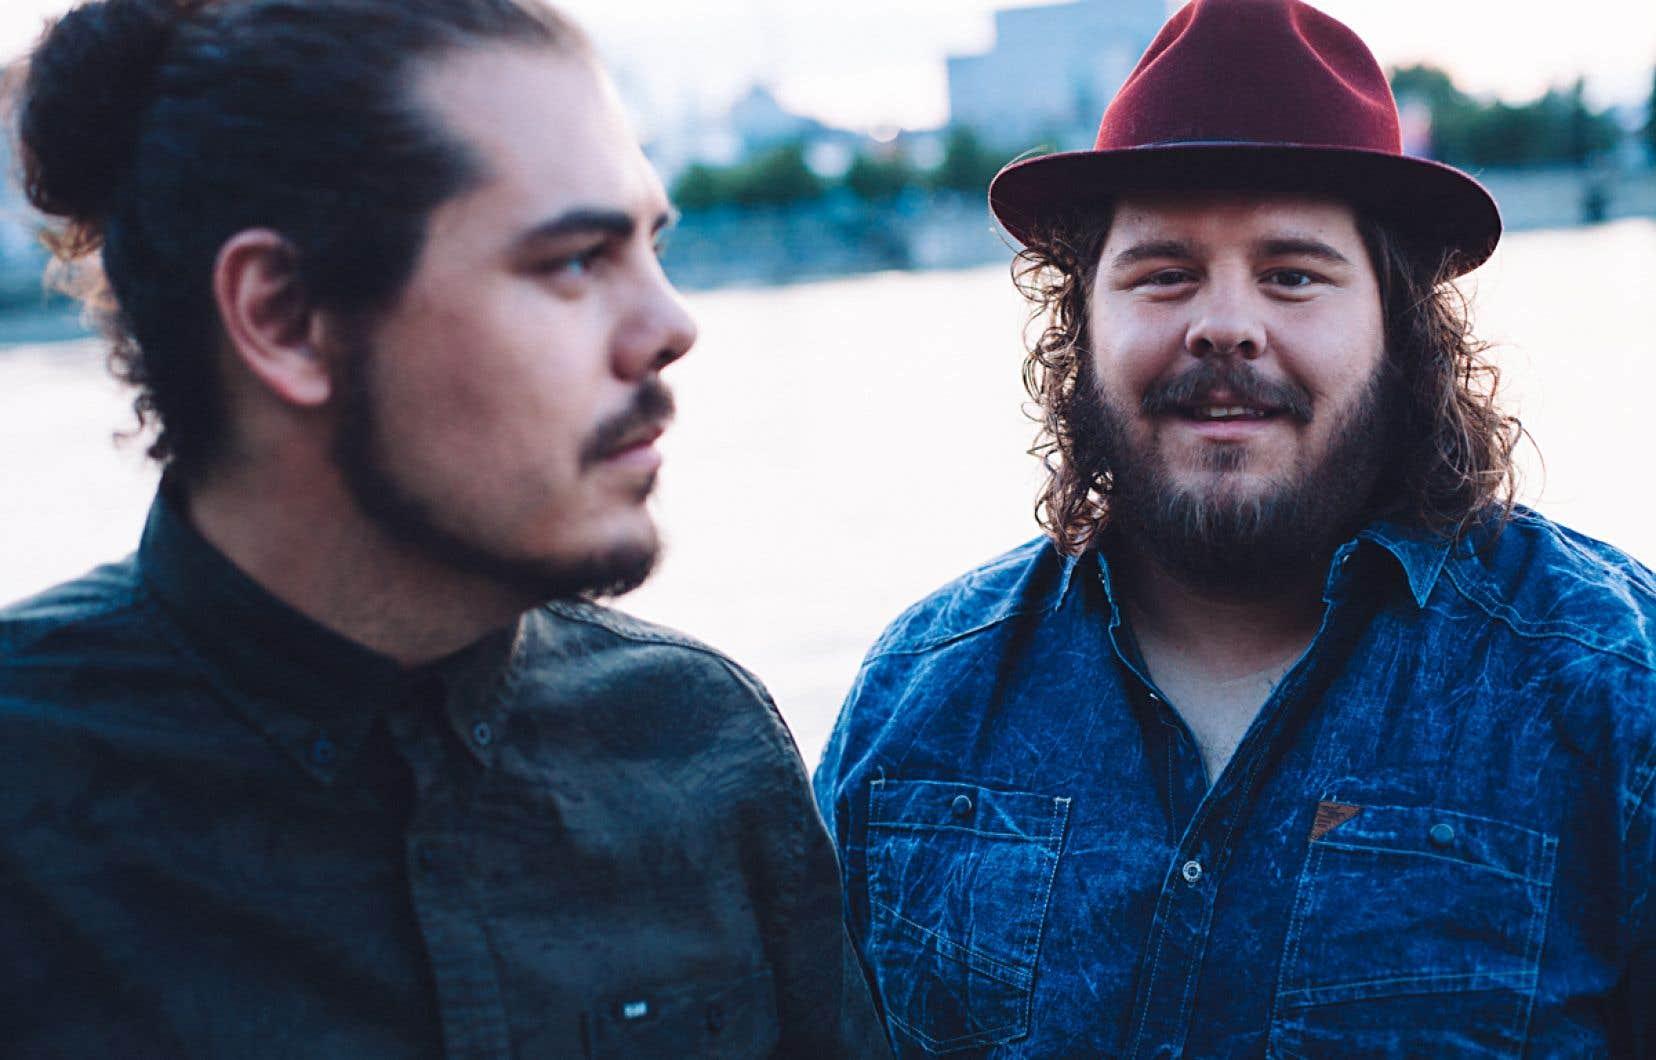 Le duo 2frères a vendu 120 000 exemplaires de son premier disque, puis 40 000 de son second, «La route», paru en novembre.